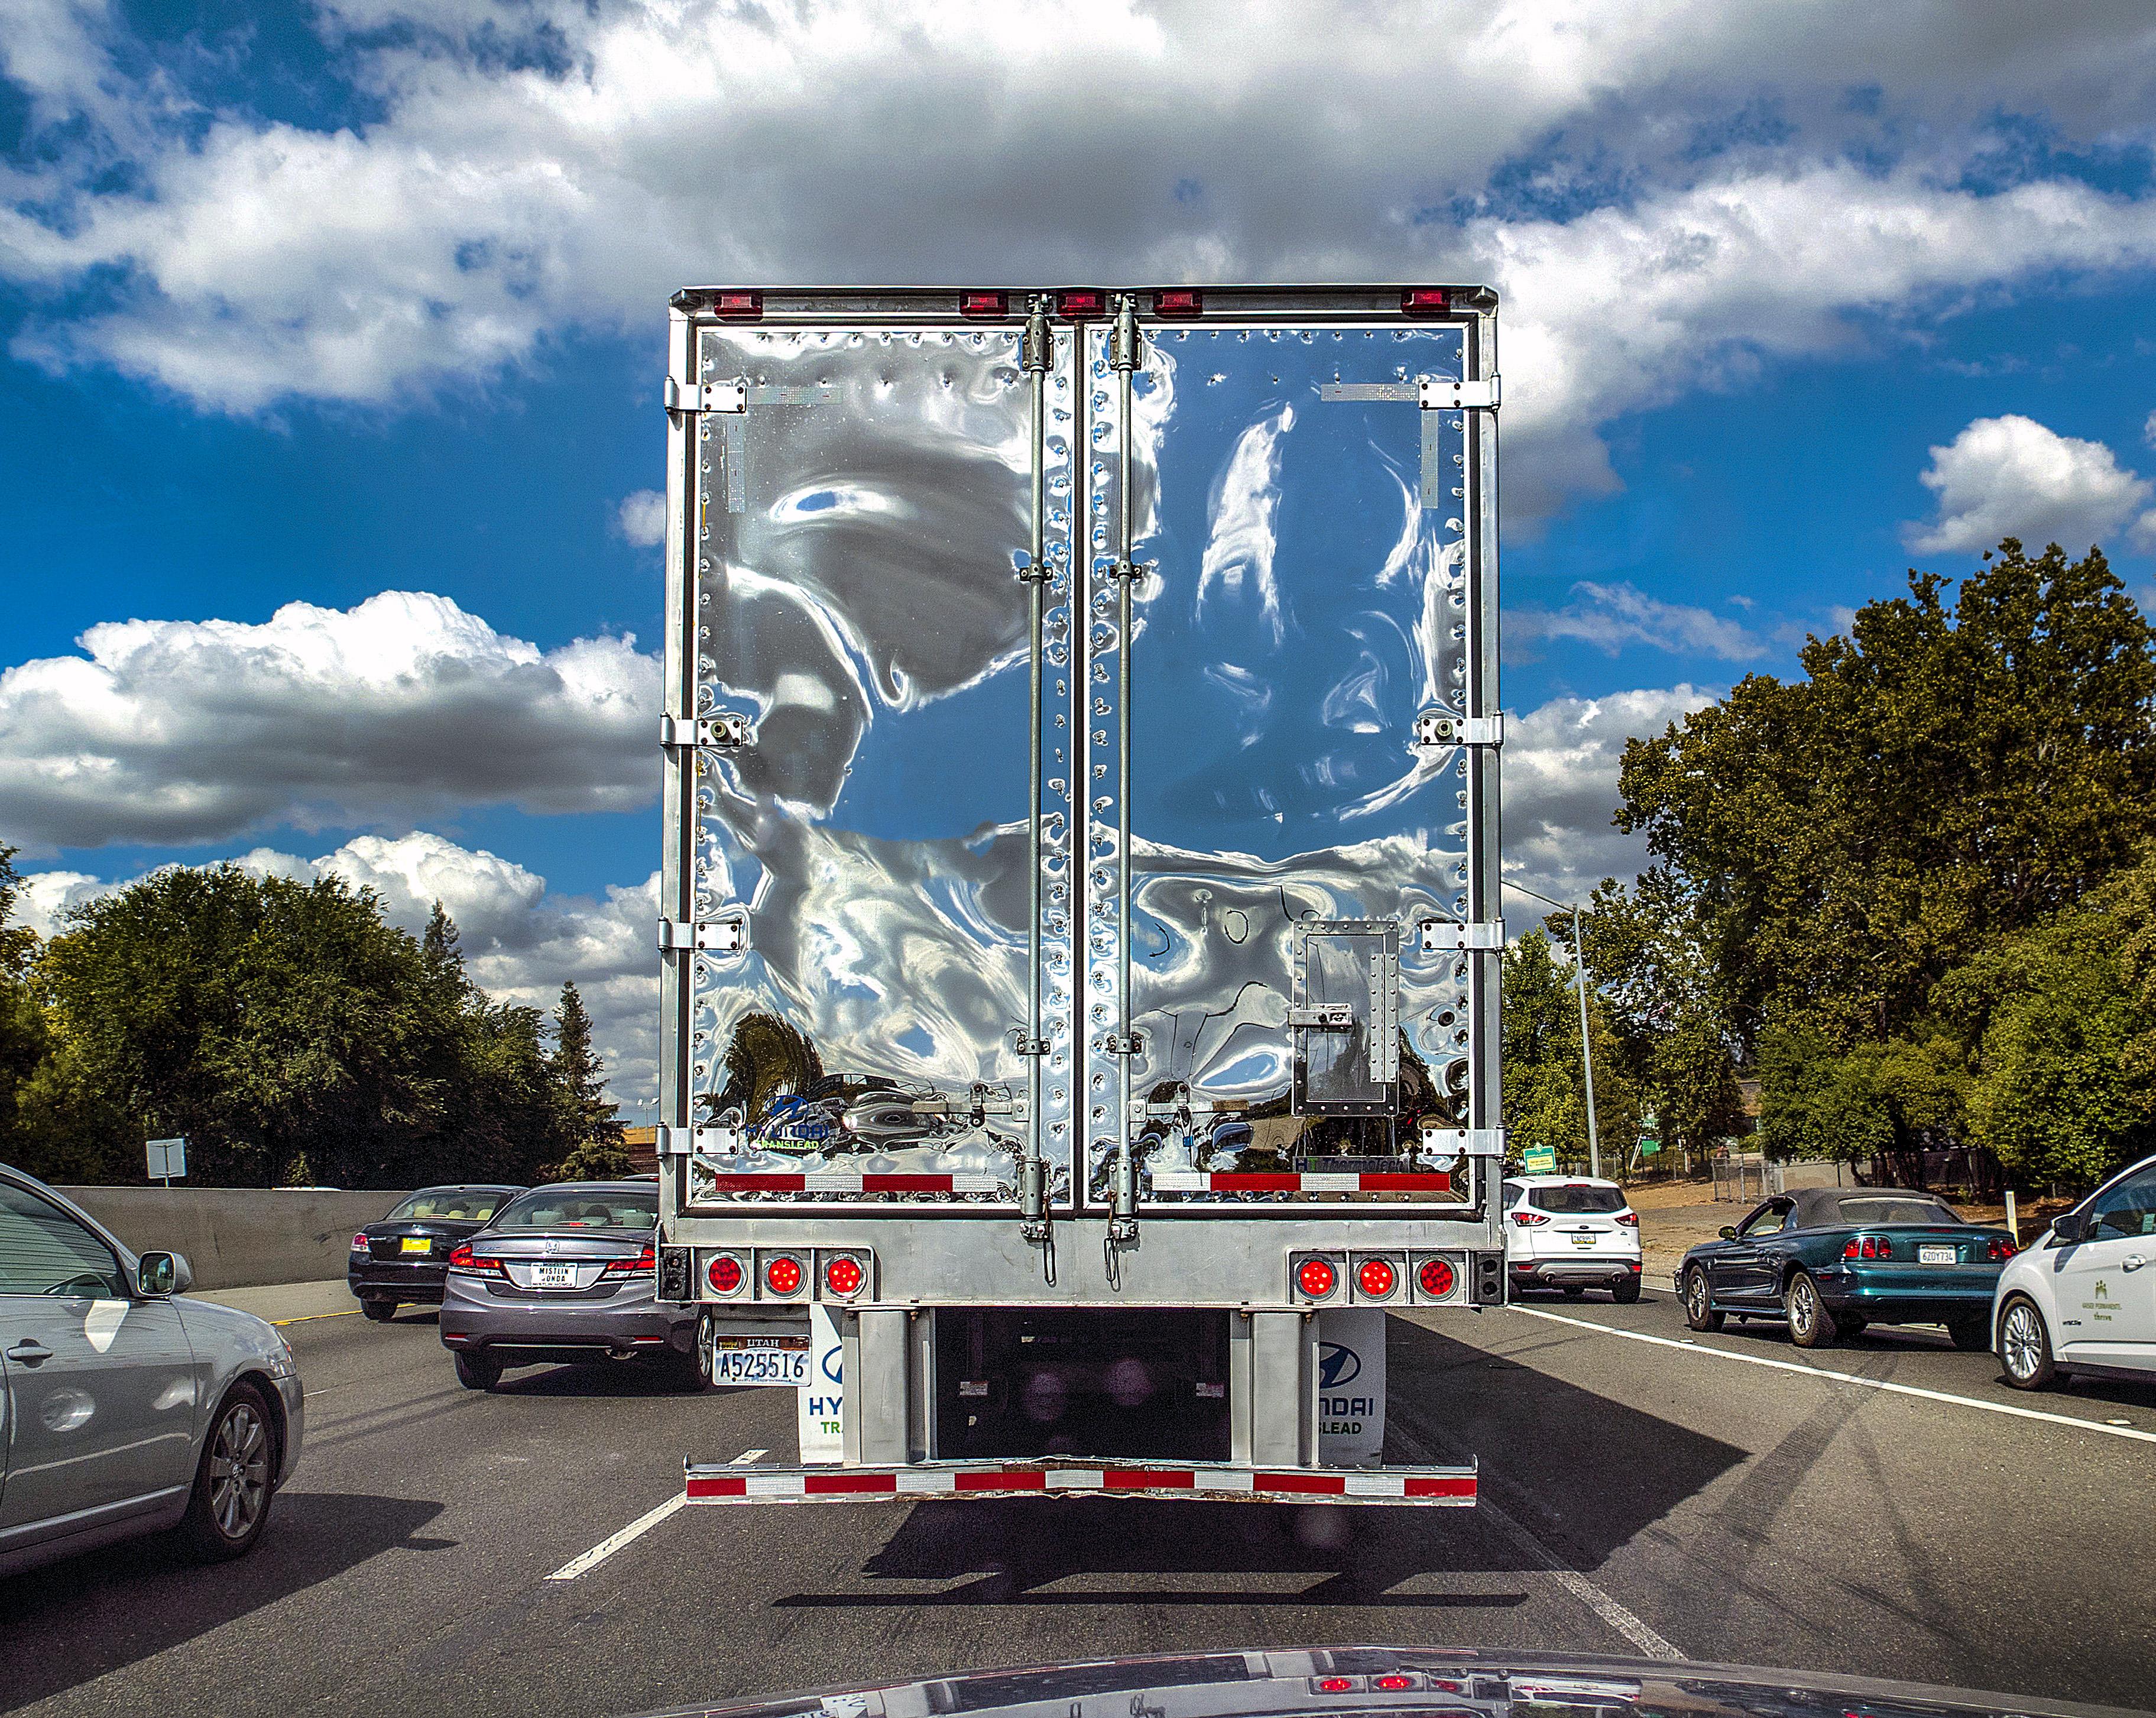 сложность конфигурации, реклама на дорогах картинки это